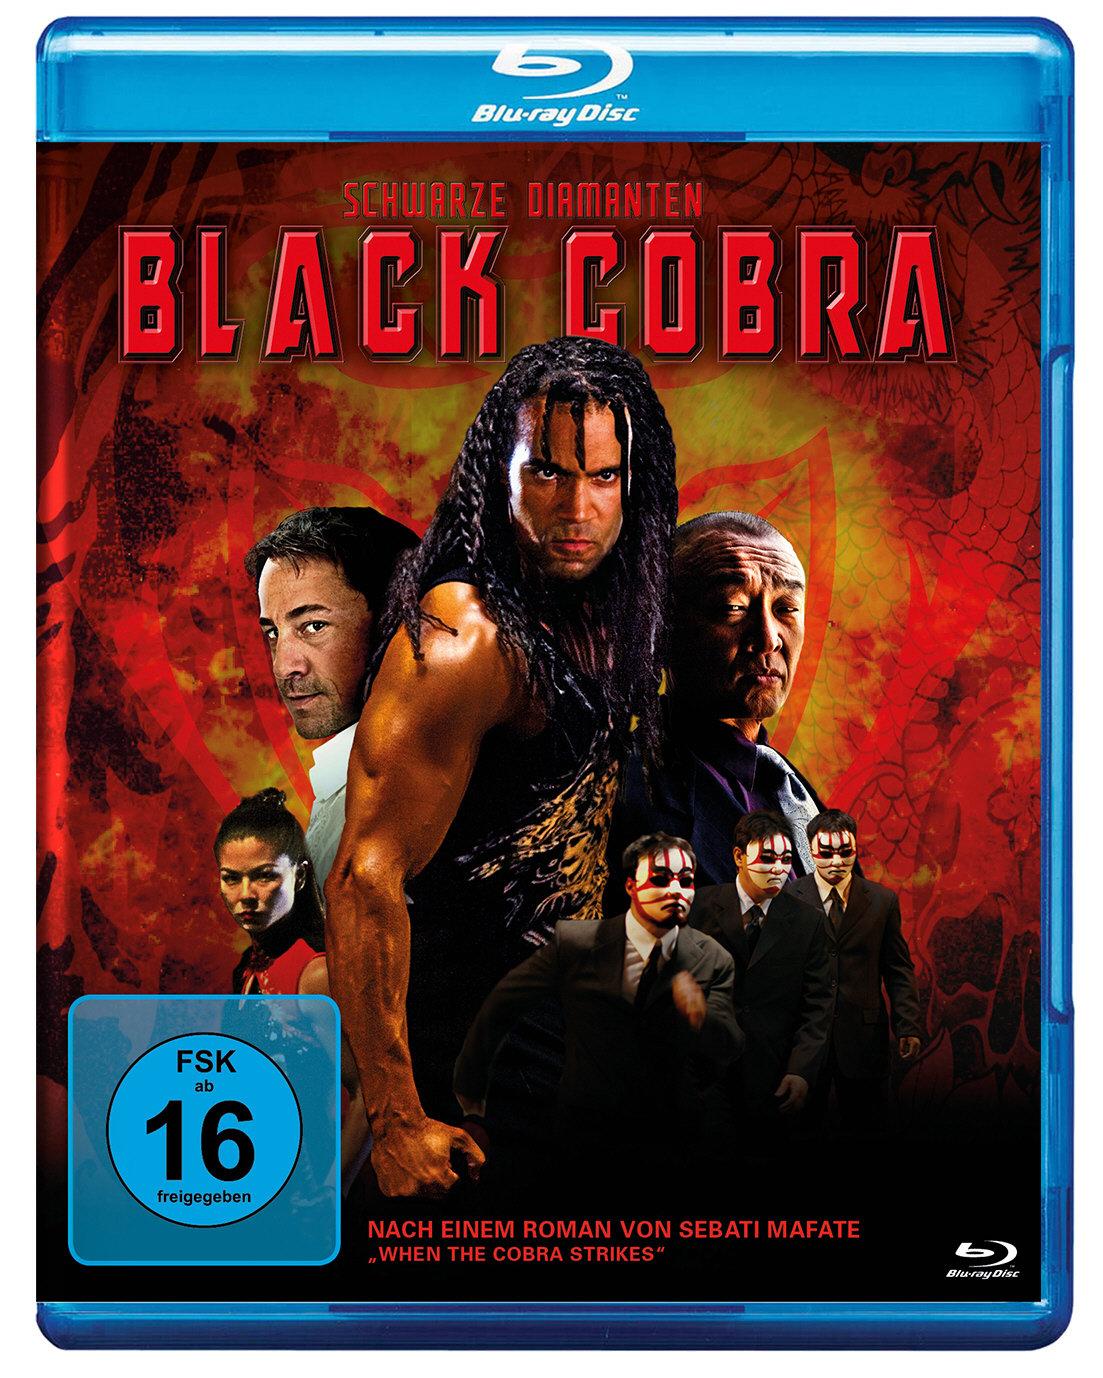 Black Cobra (2012) - Schwarze Diamanten